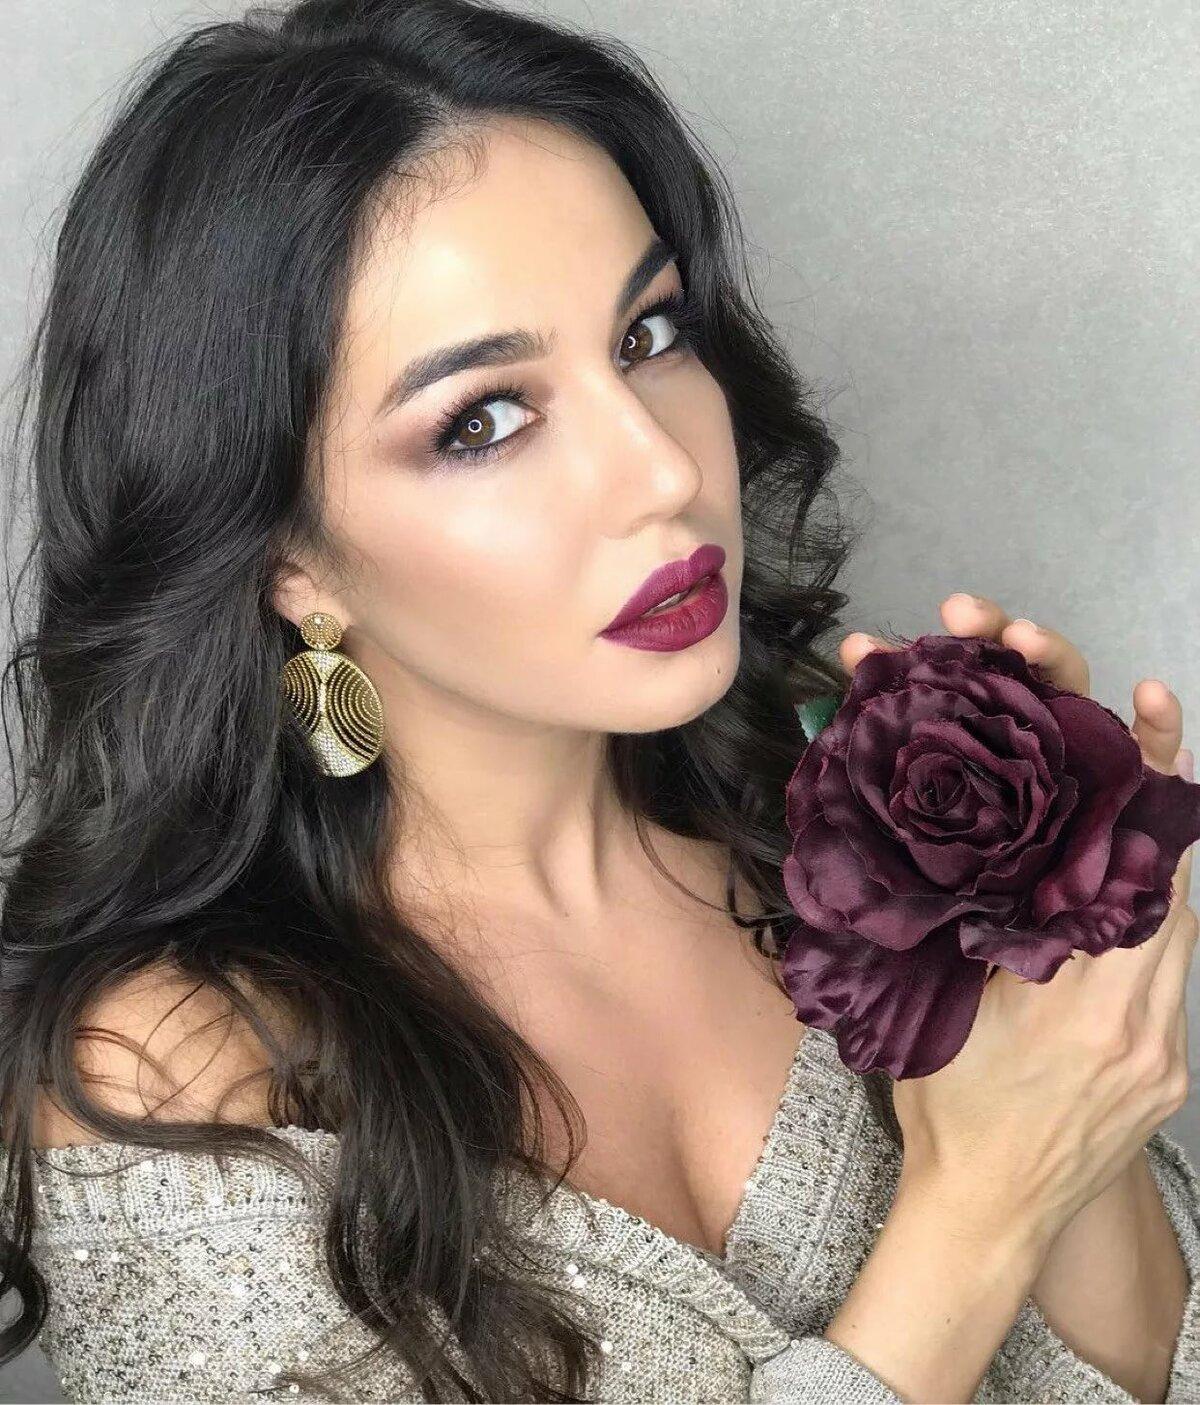 сети есть фото самых красивых армяночек мира легенде здесь стояла